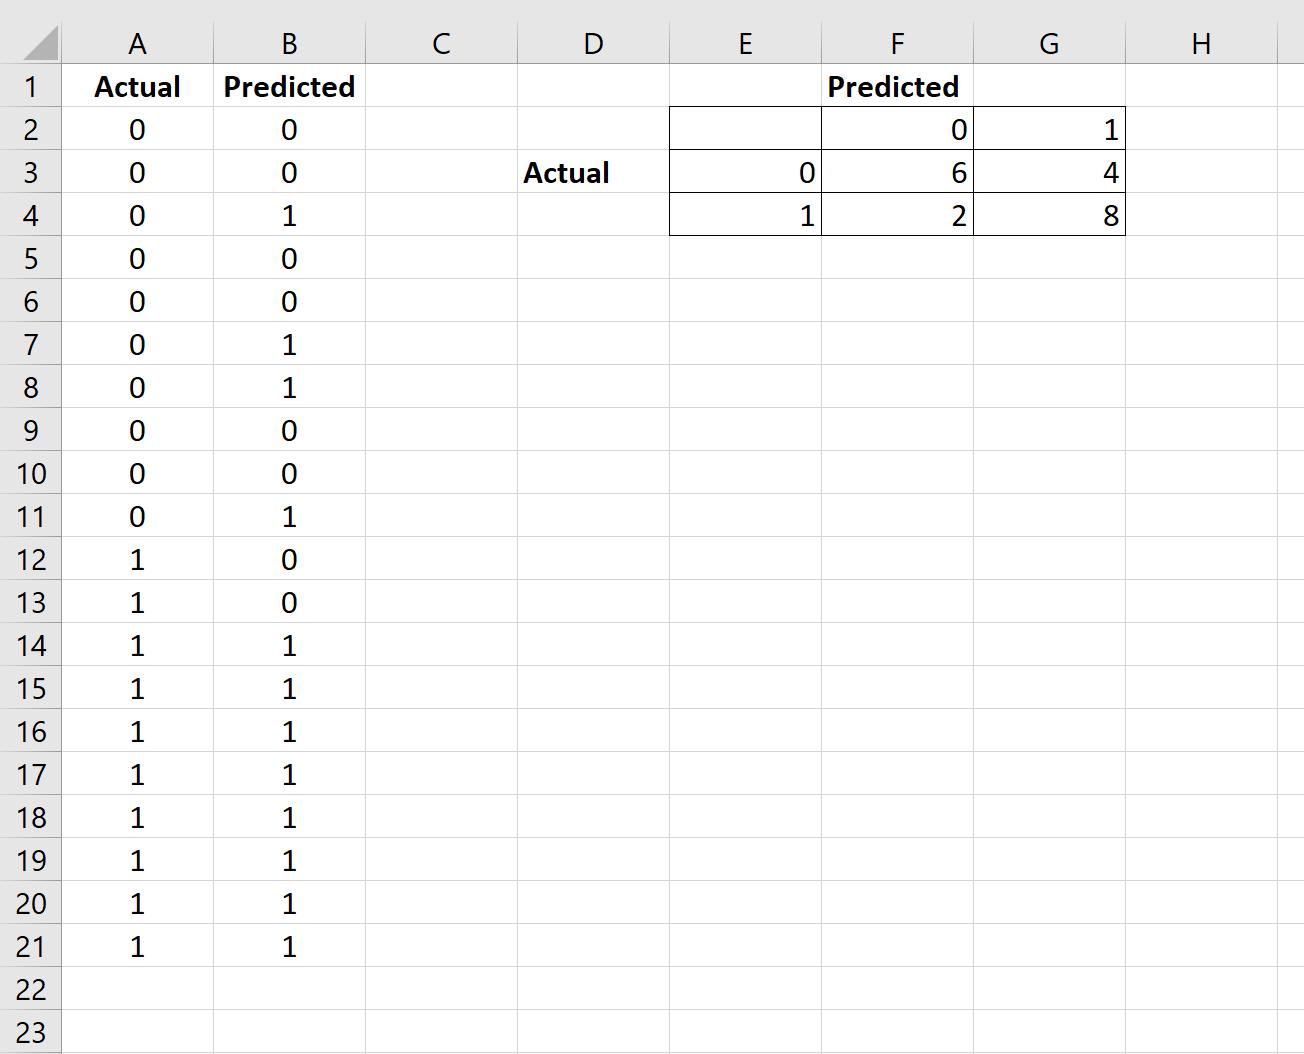 confusion matrix in Excel